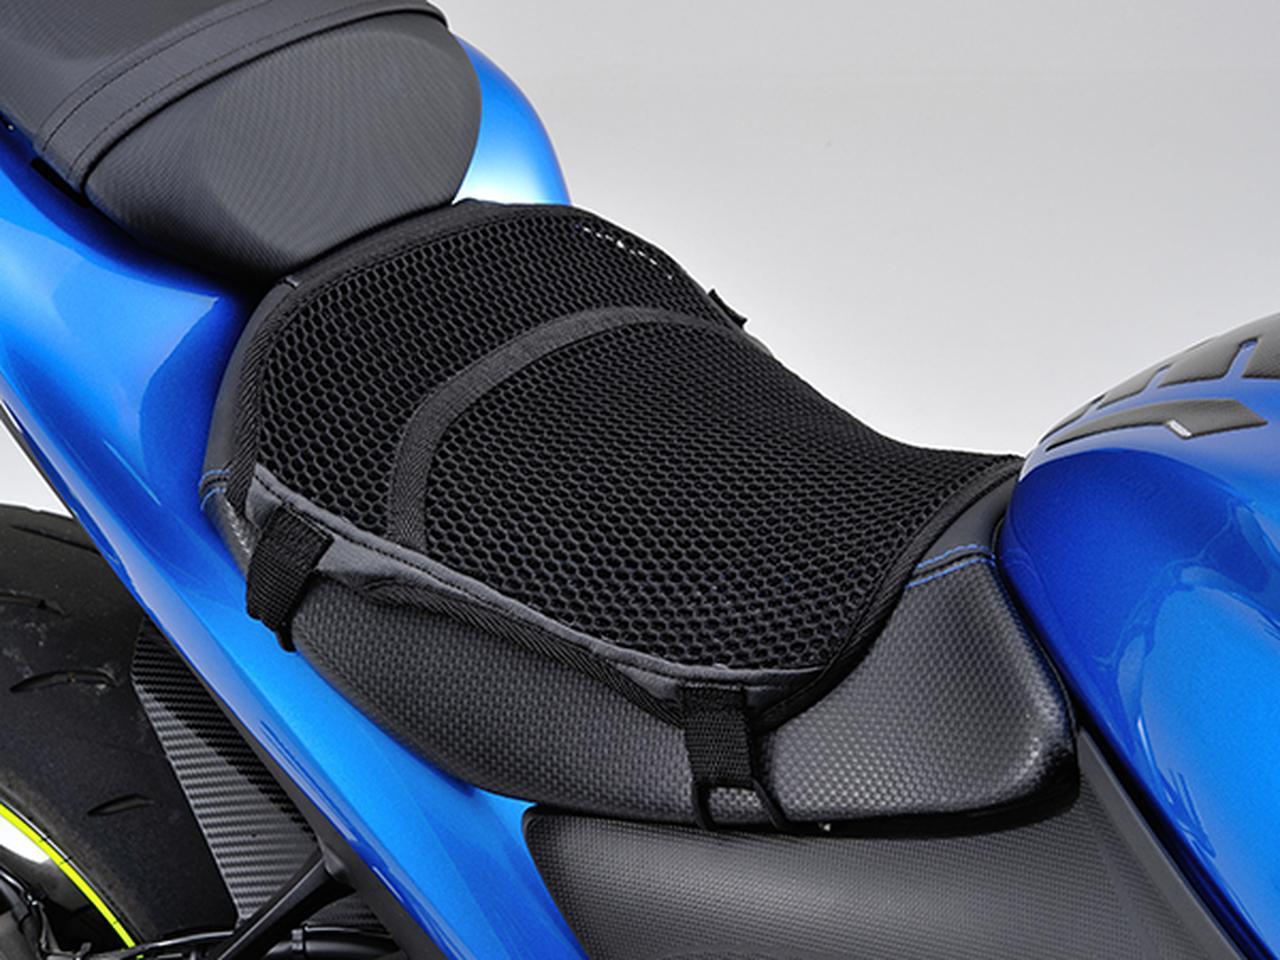 画像: 季節を問わずロングツーリングをサポート! デイトナより「ツーリングサポートゲル&エアスルーシート」登場 - webオートバイ